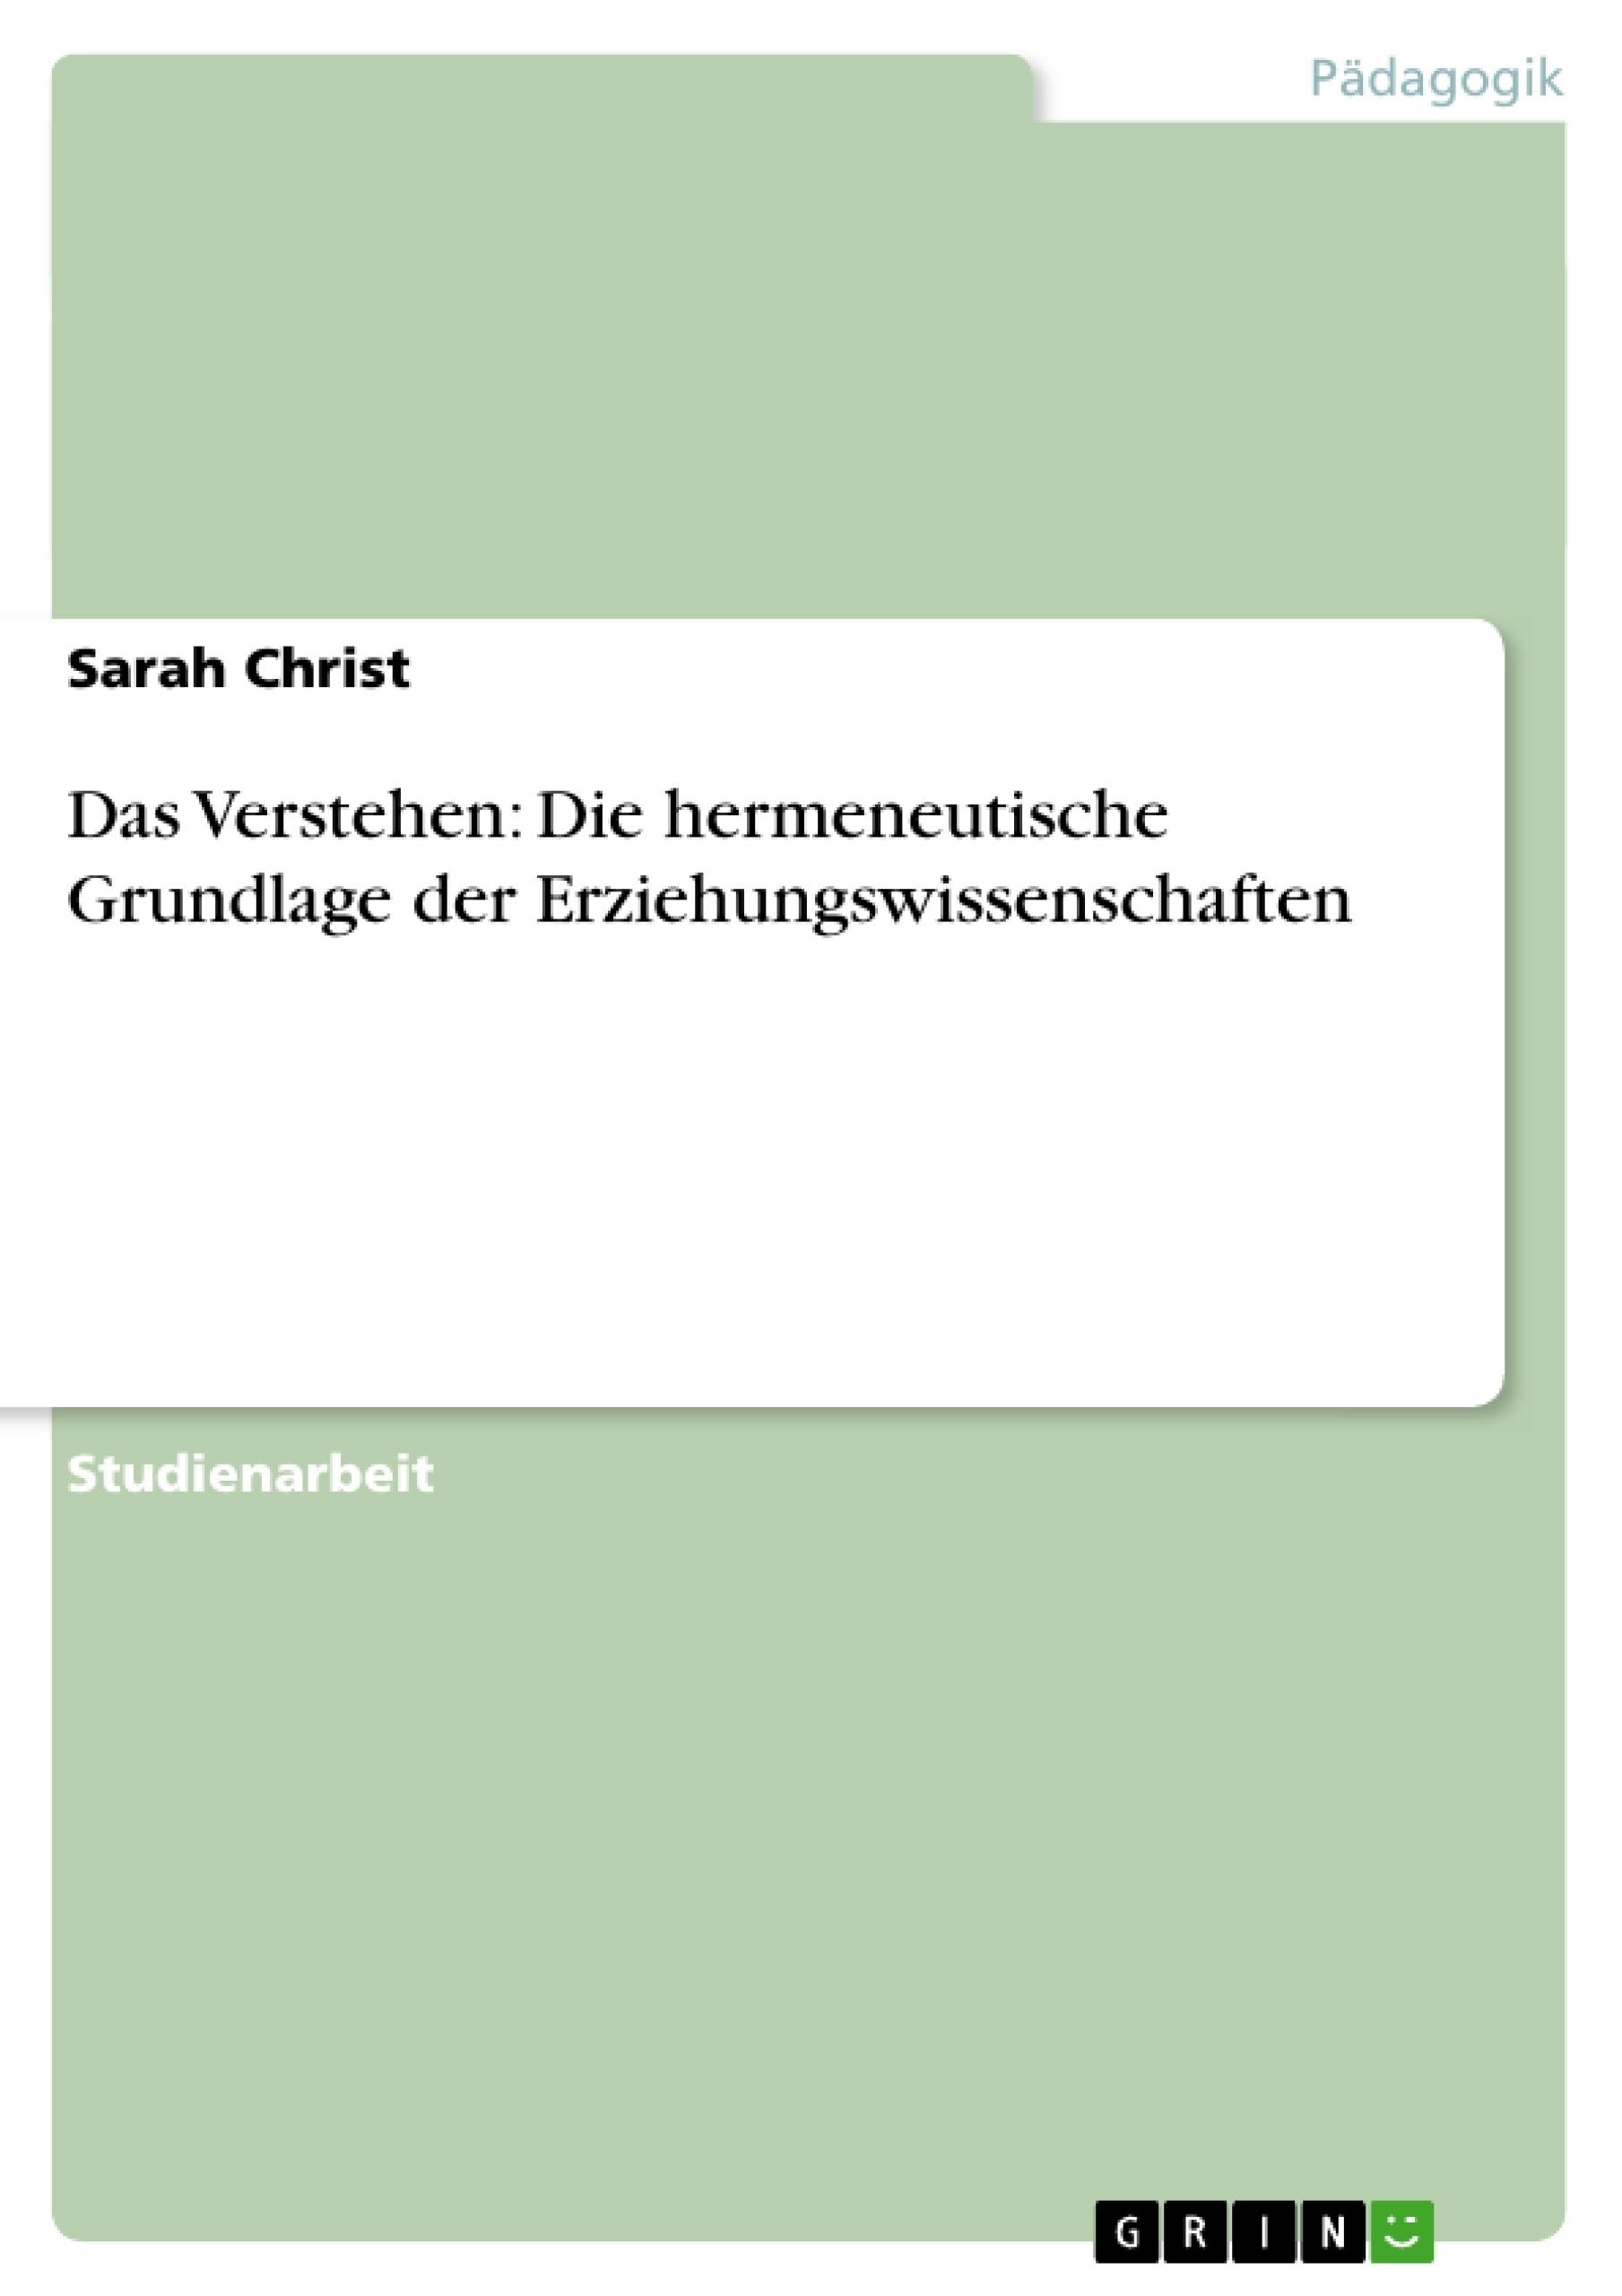 Titel: Das Verstehen: Die hermeneutische Grundlage der Erziehungswissenschaften